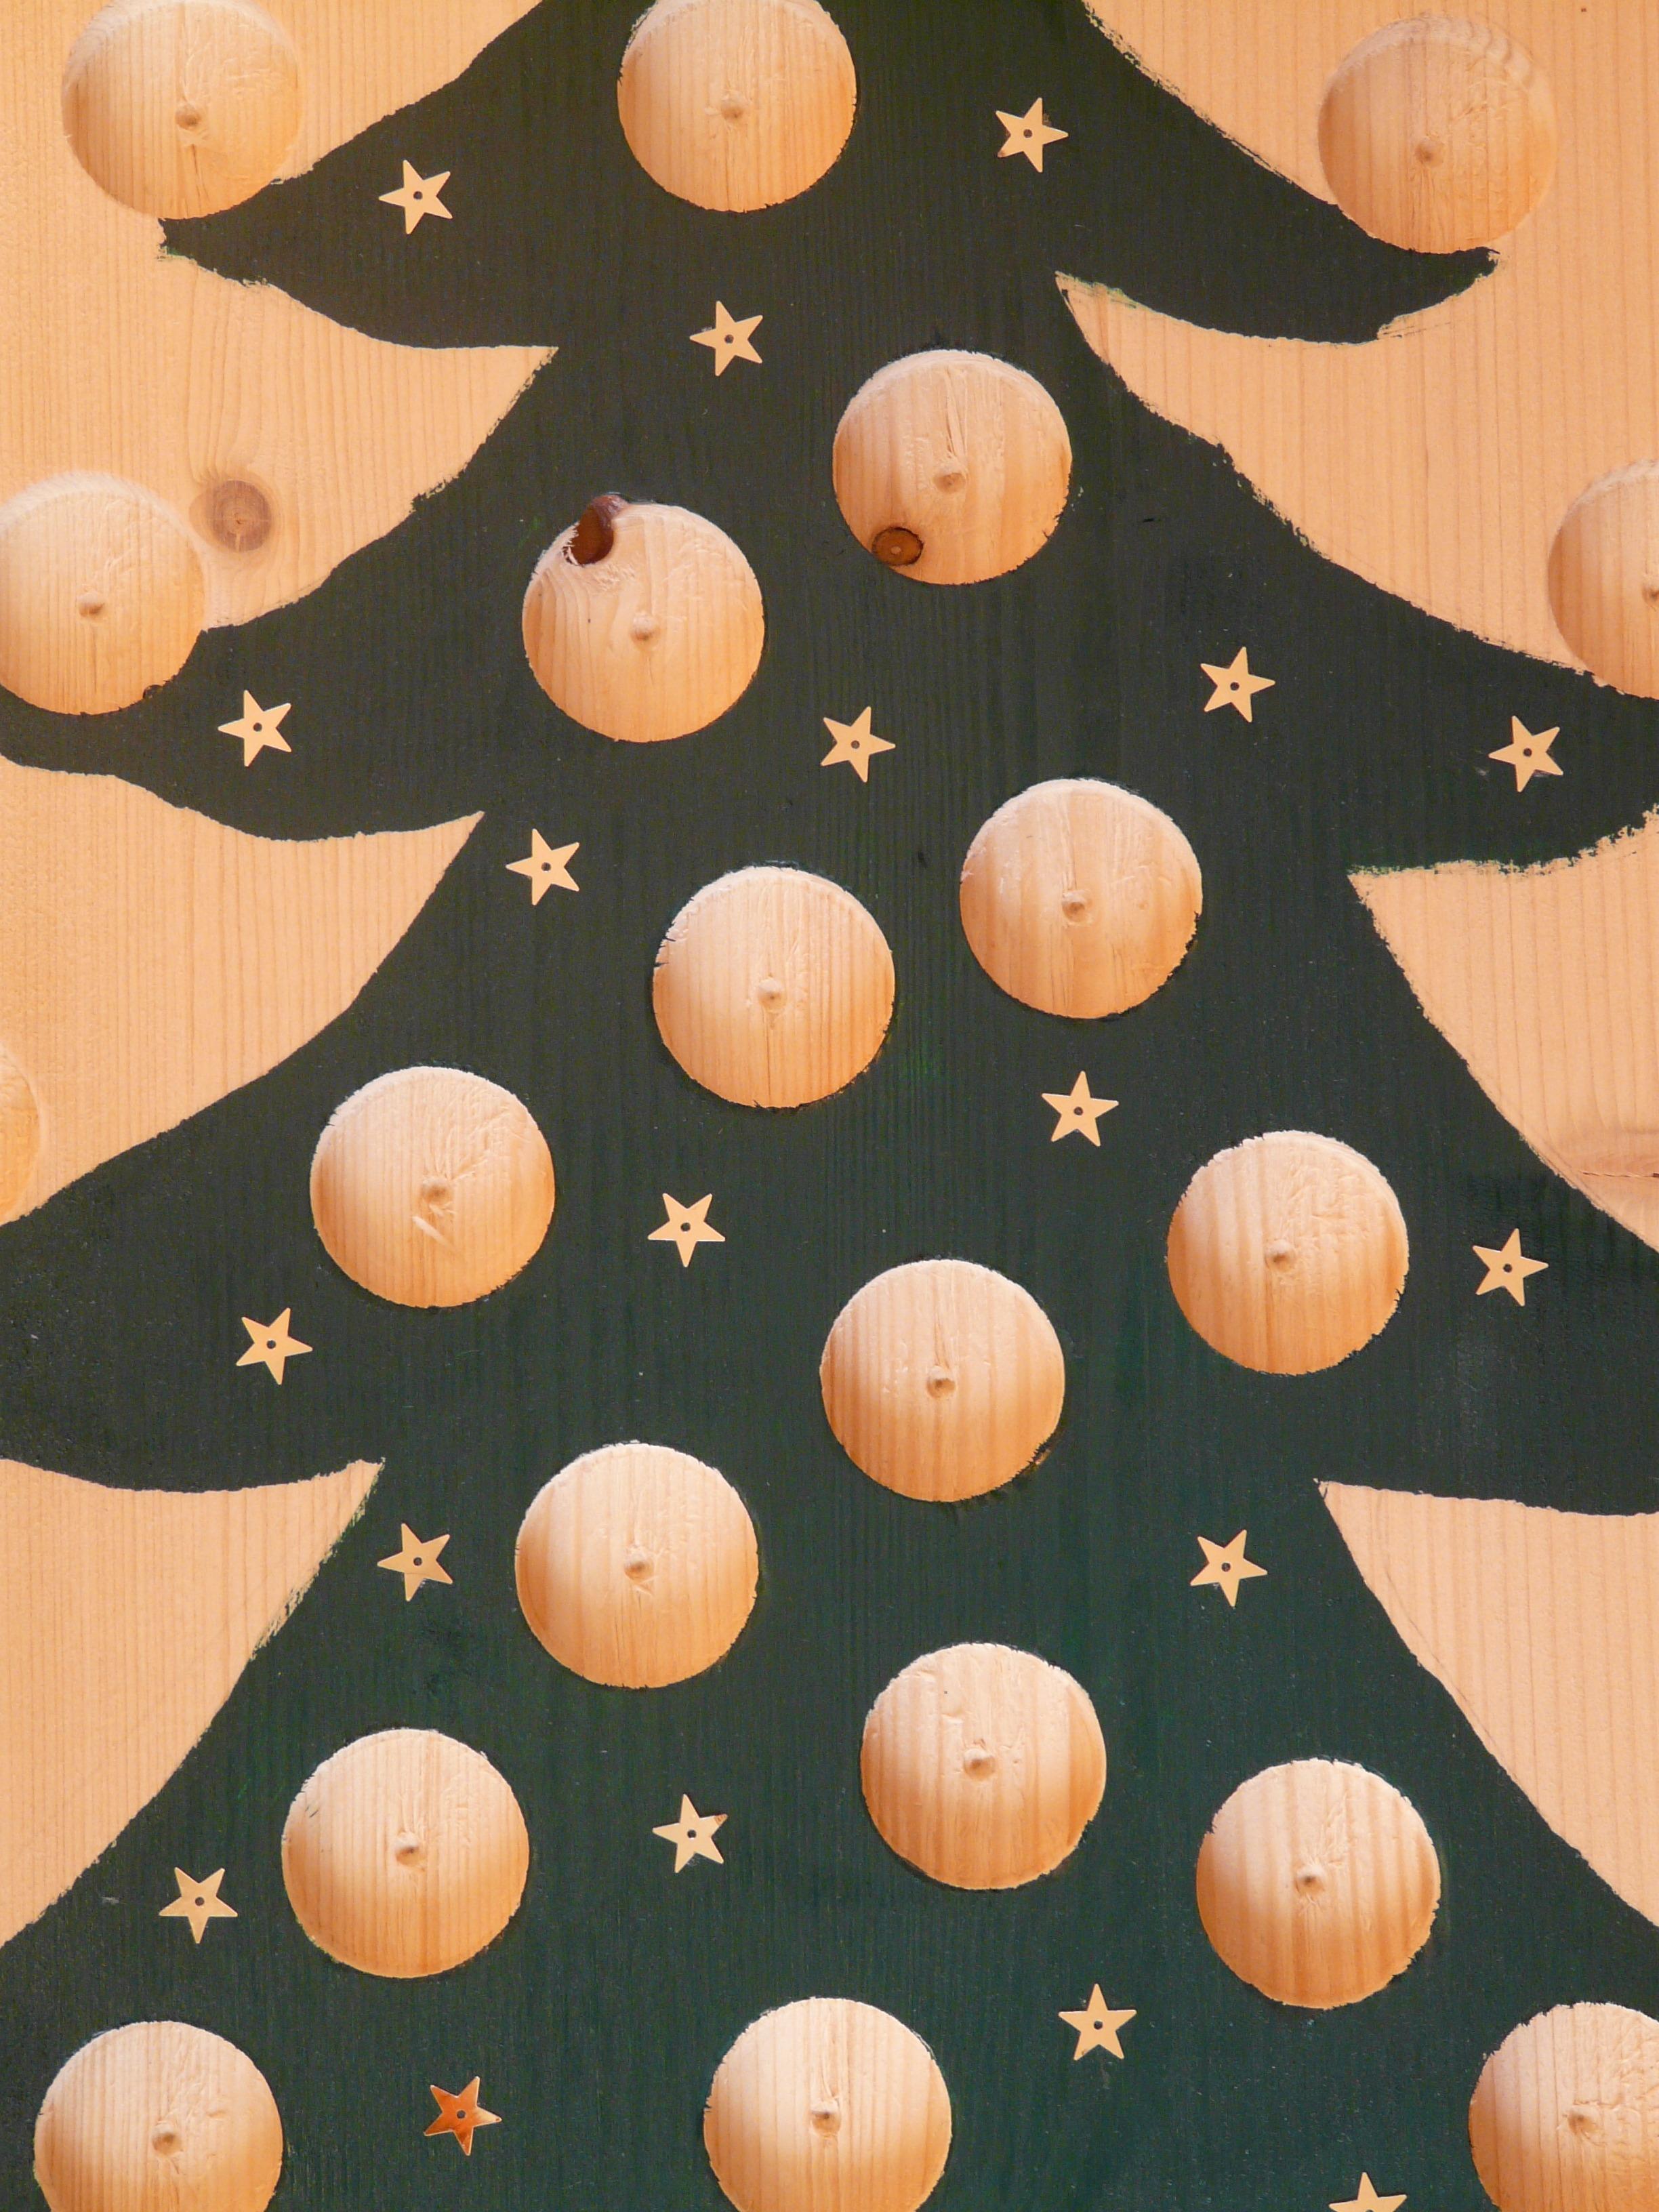 kostenlose foto bl tenblatt muster braun weihnachtsbaum kreis advent kunst illustration. Black Bedroom Furniture Sets. Home Design Ideas